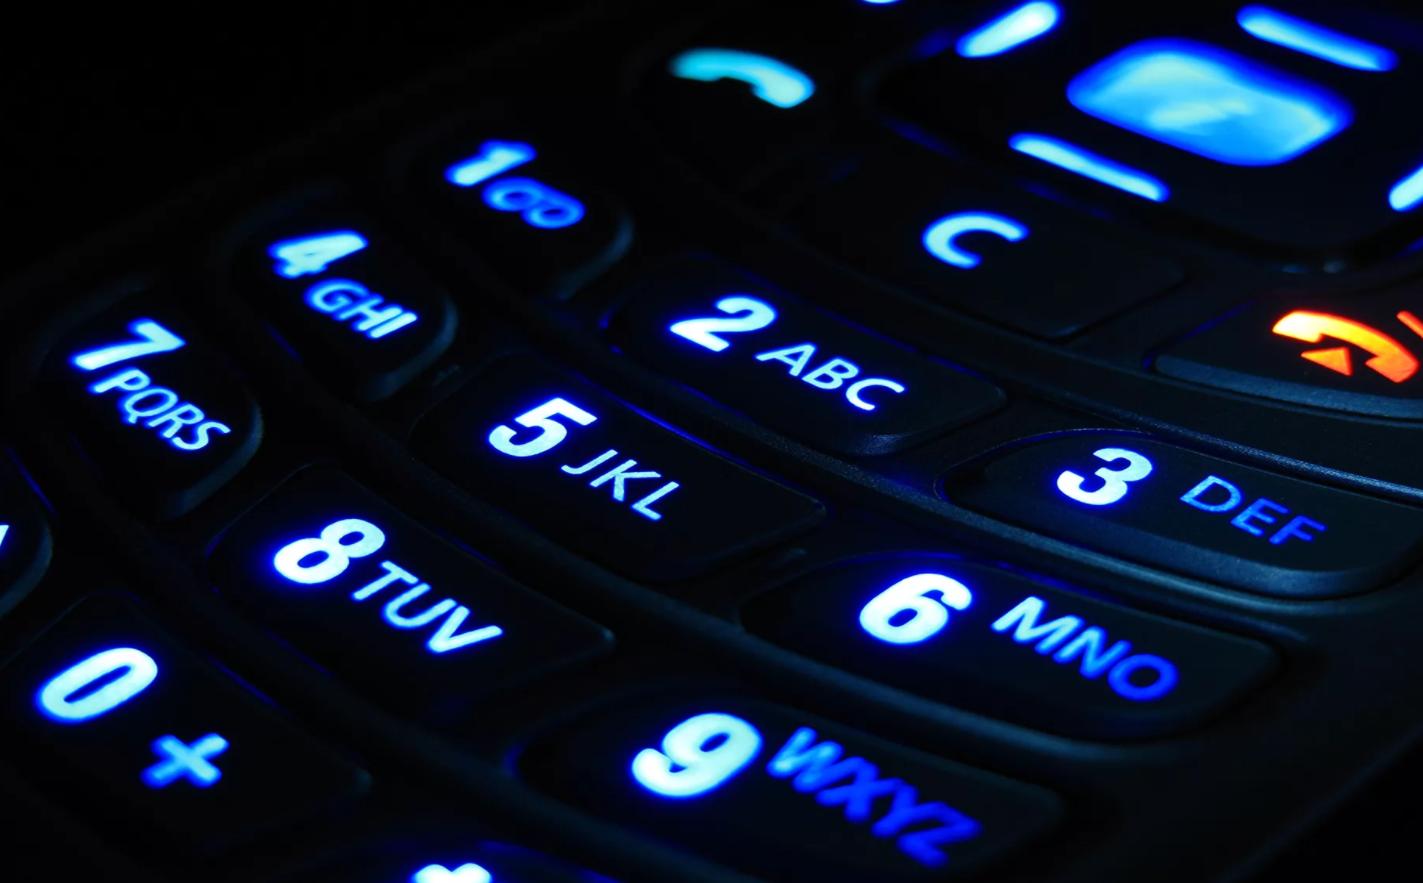 Как определить оператора и регион по номеру телефона